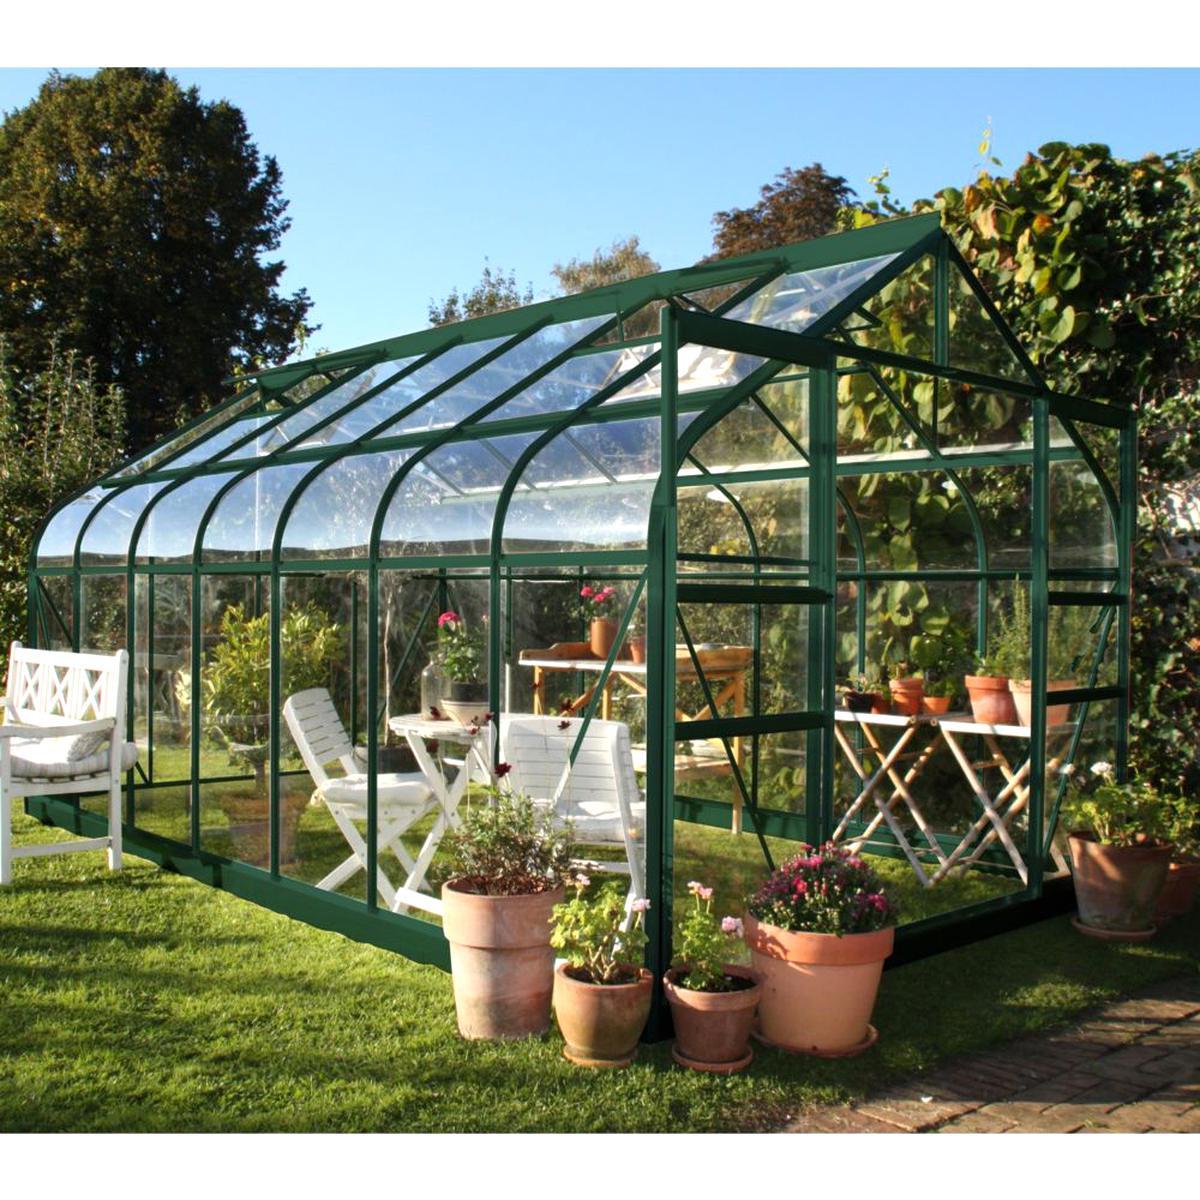 Serre Jardin D'Occasion | Plus Que 2 À -65% Intérieur ... avec Serre Horticole D'Occasion